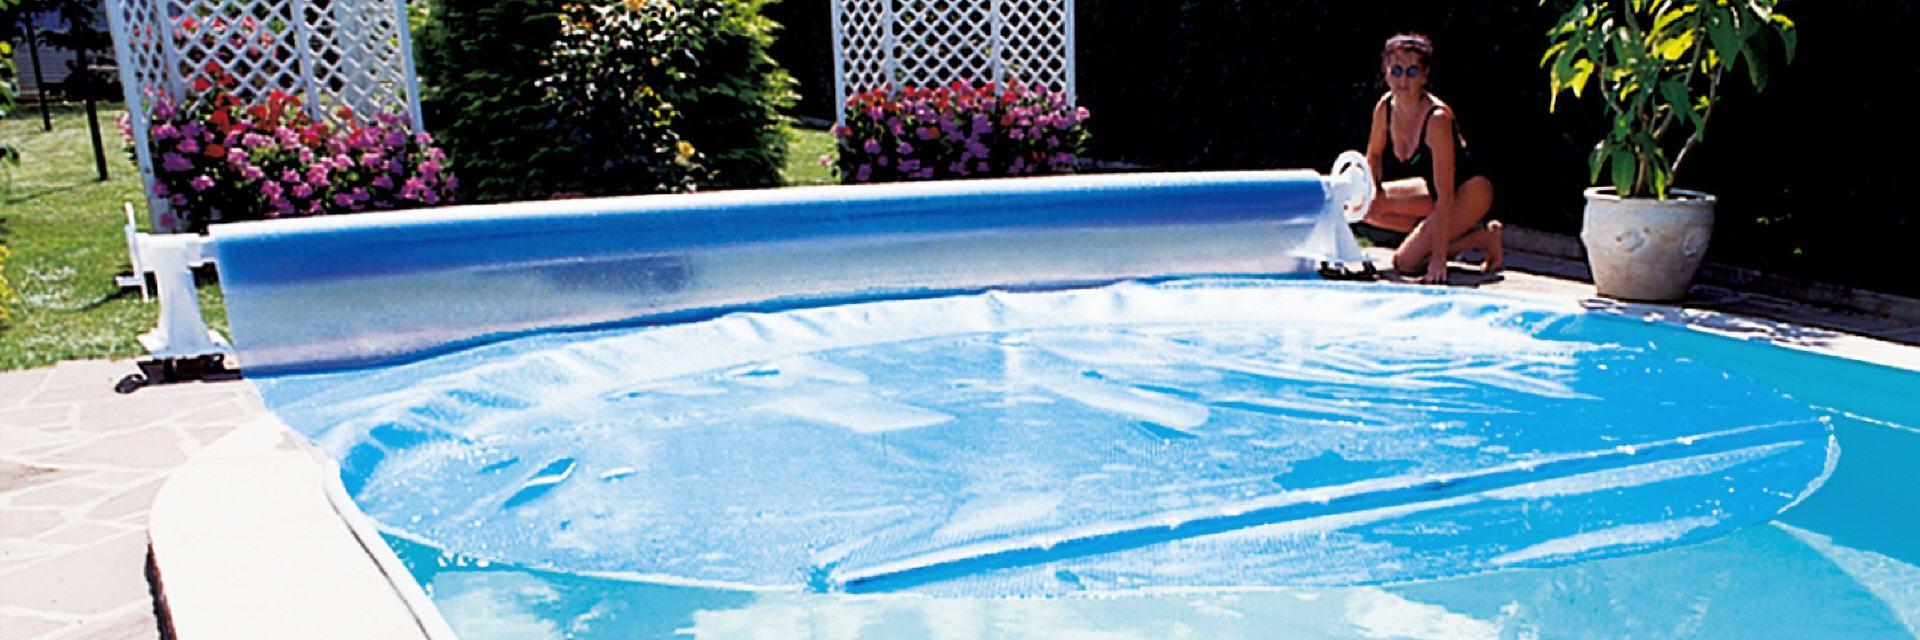 Swimmingpool Oder Stahlwandpool Guenstig Kaufen Vom Profi Mit Beratung